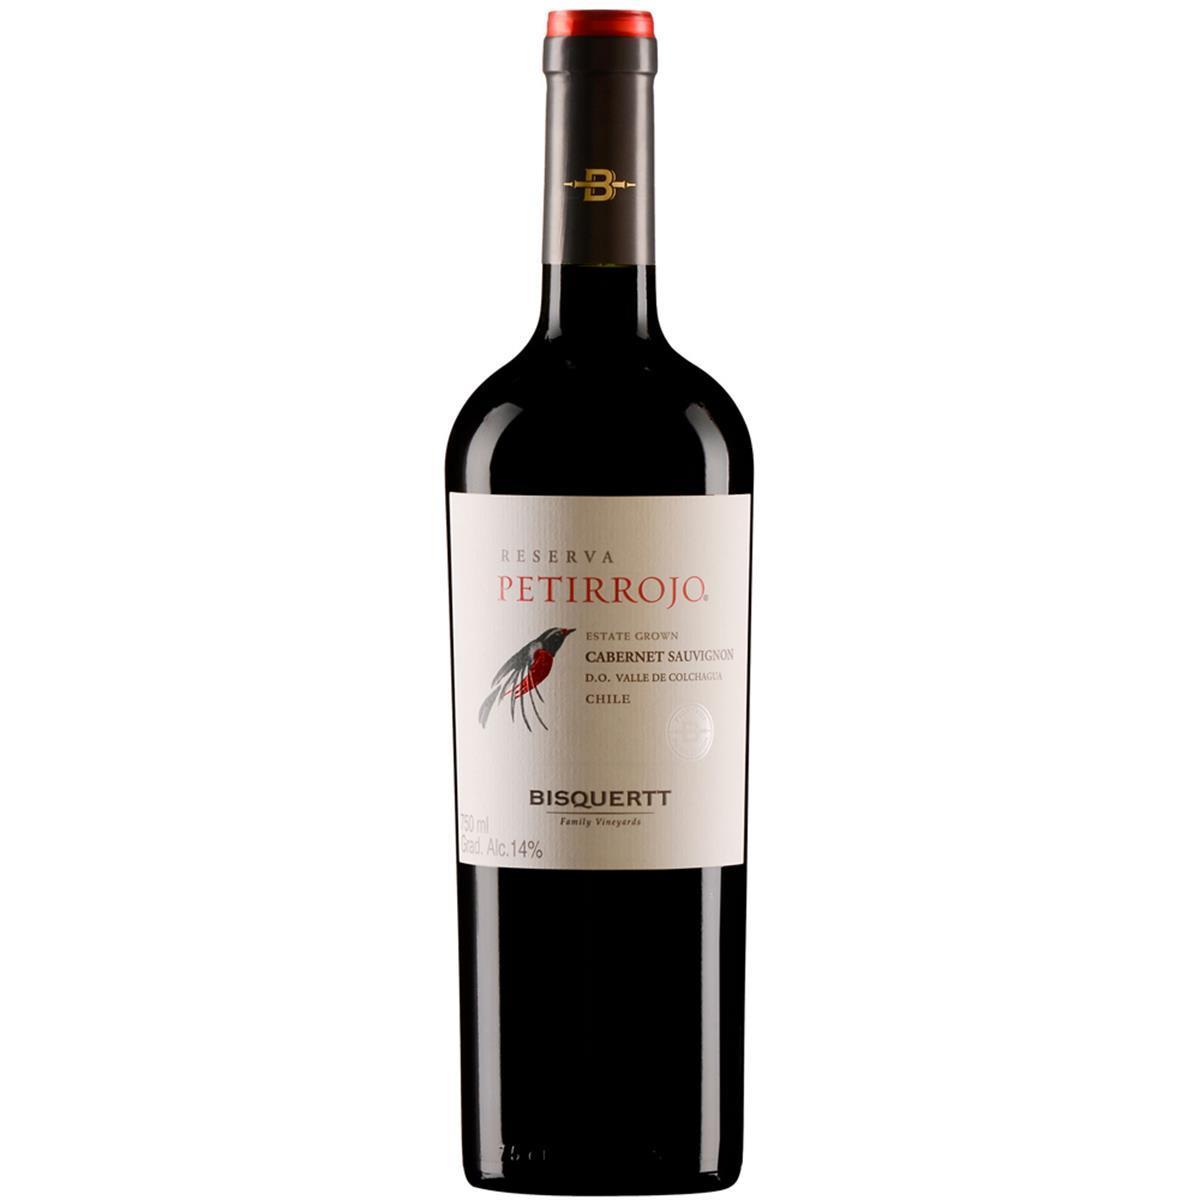 Vinho Bisquertt Petirrojo Reserva Cabernet Sauvignon 750 ml